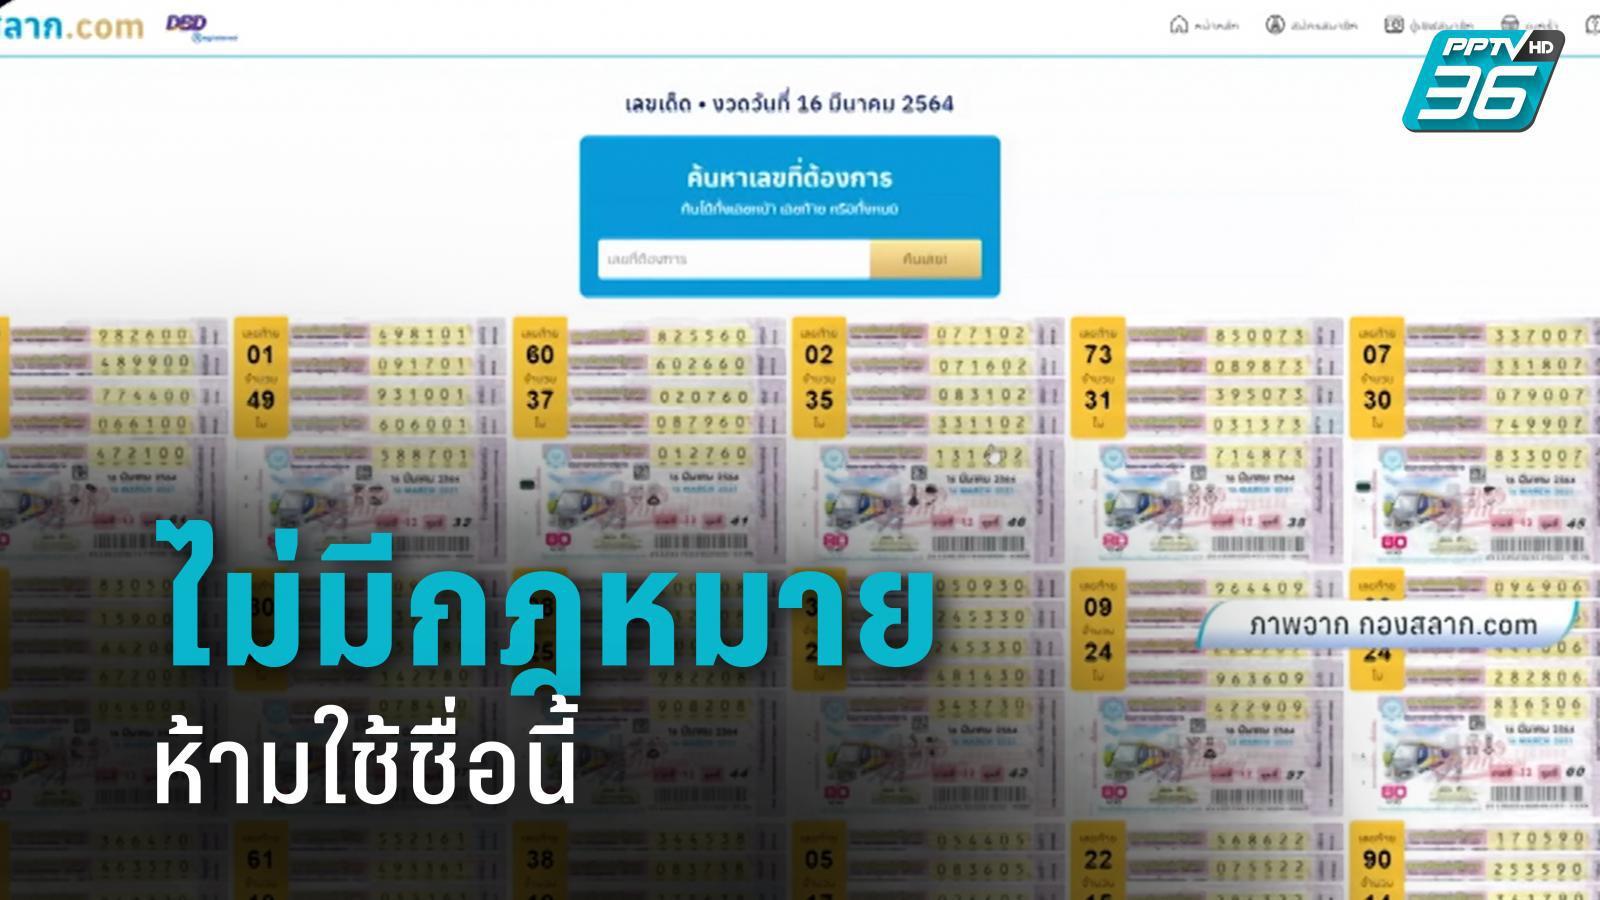 กองสลาก.com แจง ไม่มีกฎหมายห้ามใช้ชื่อนี้